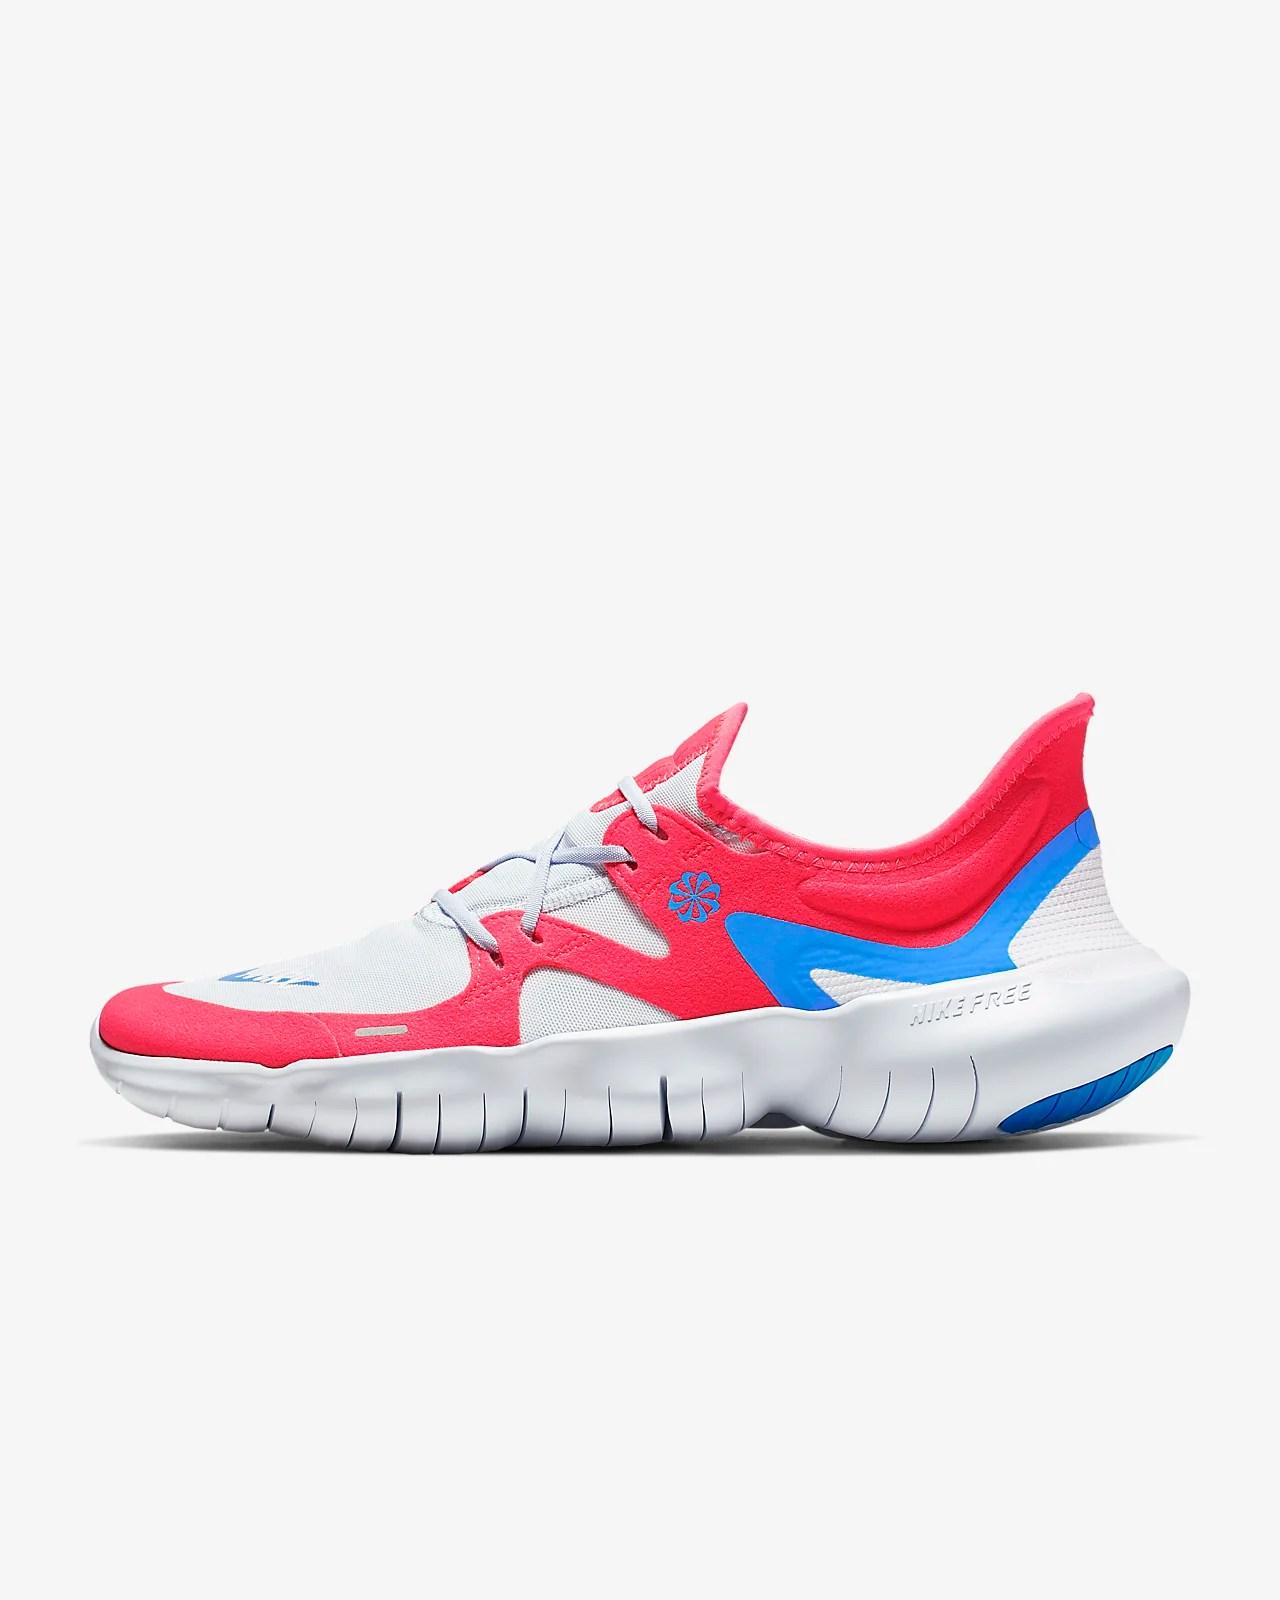 Nike Free RN 5.0 男款跑鞋. Nike TW